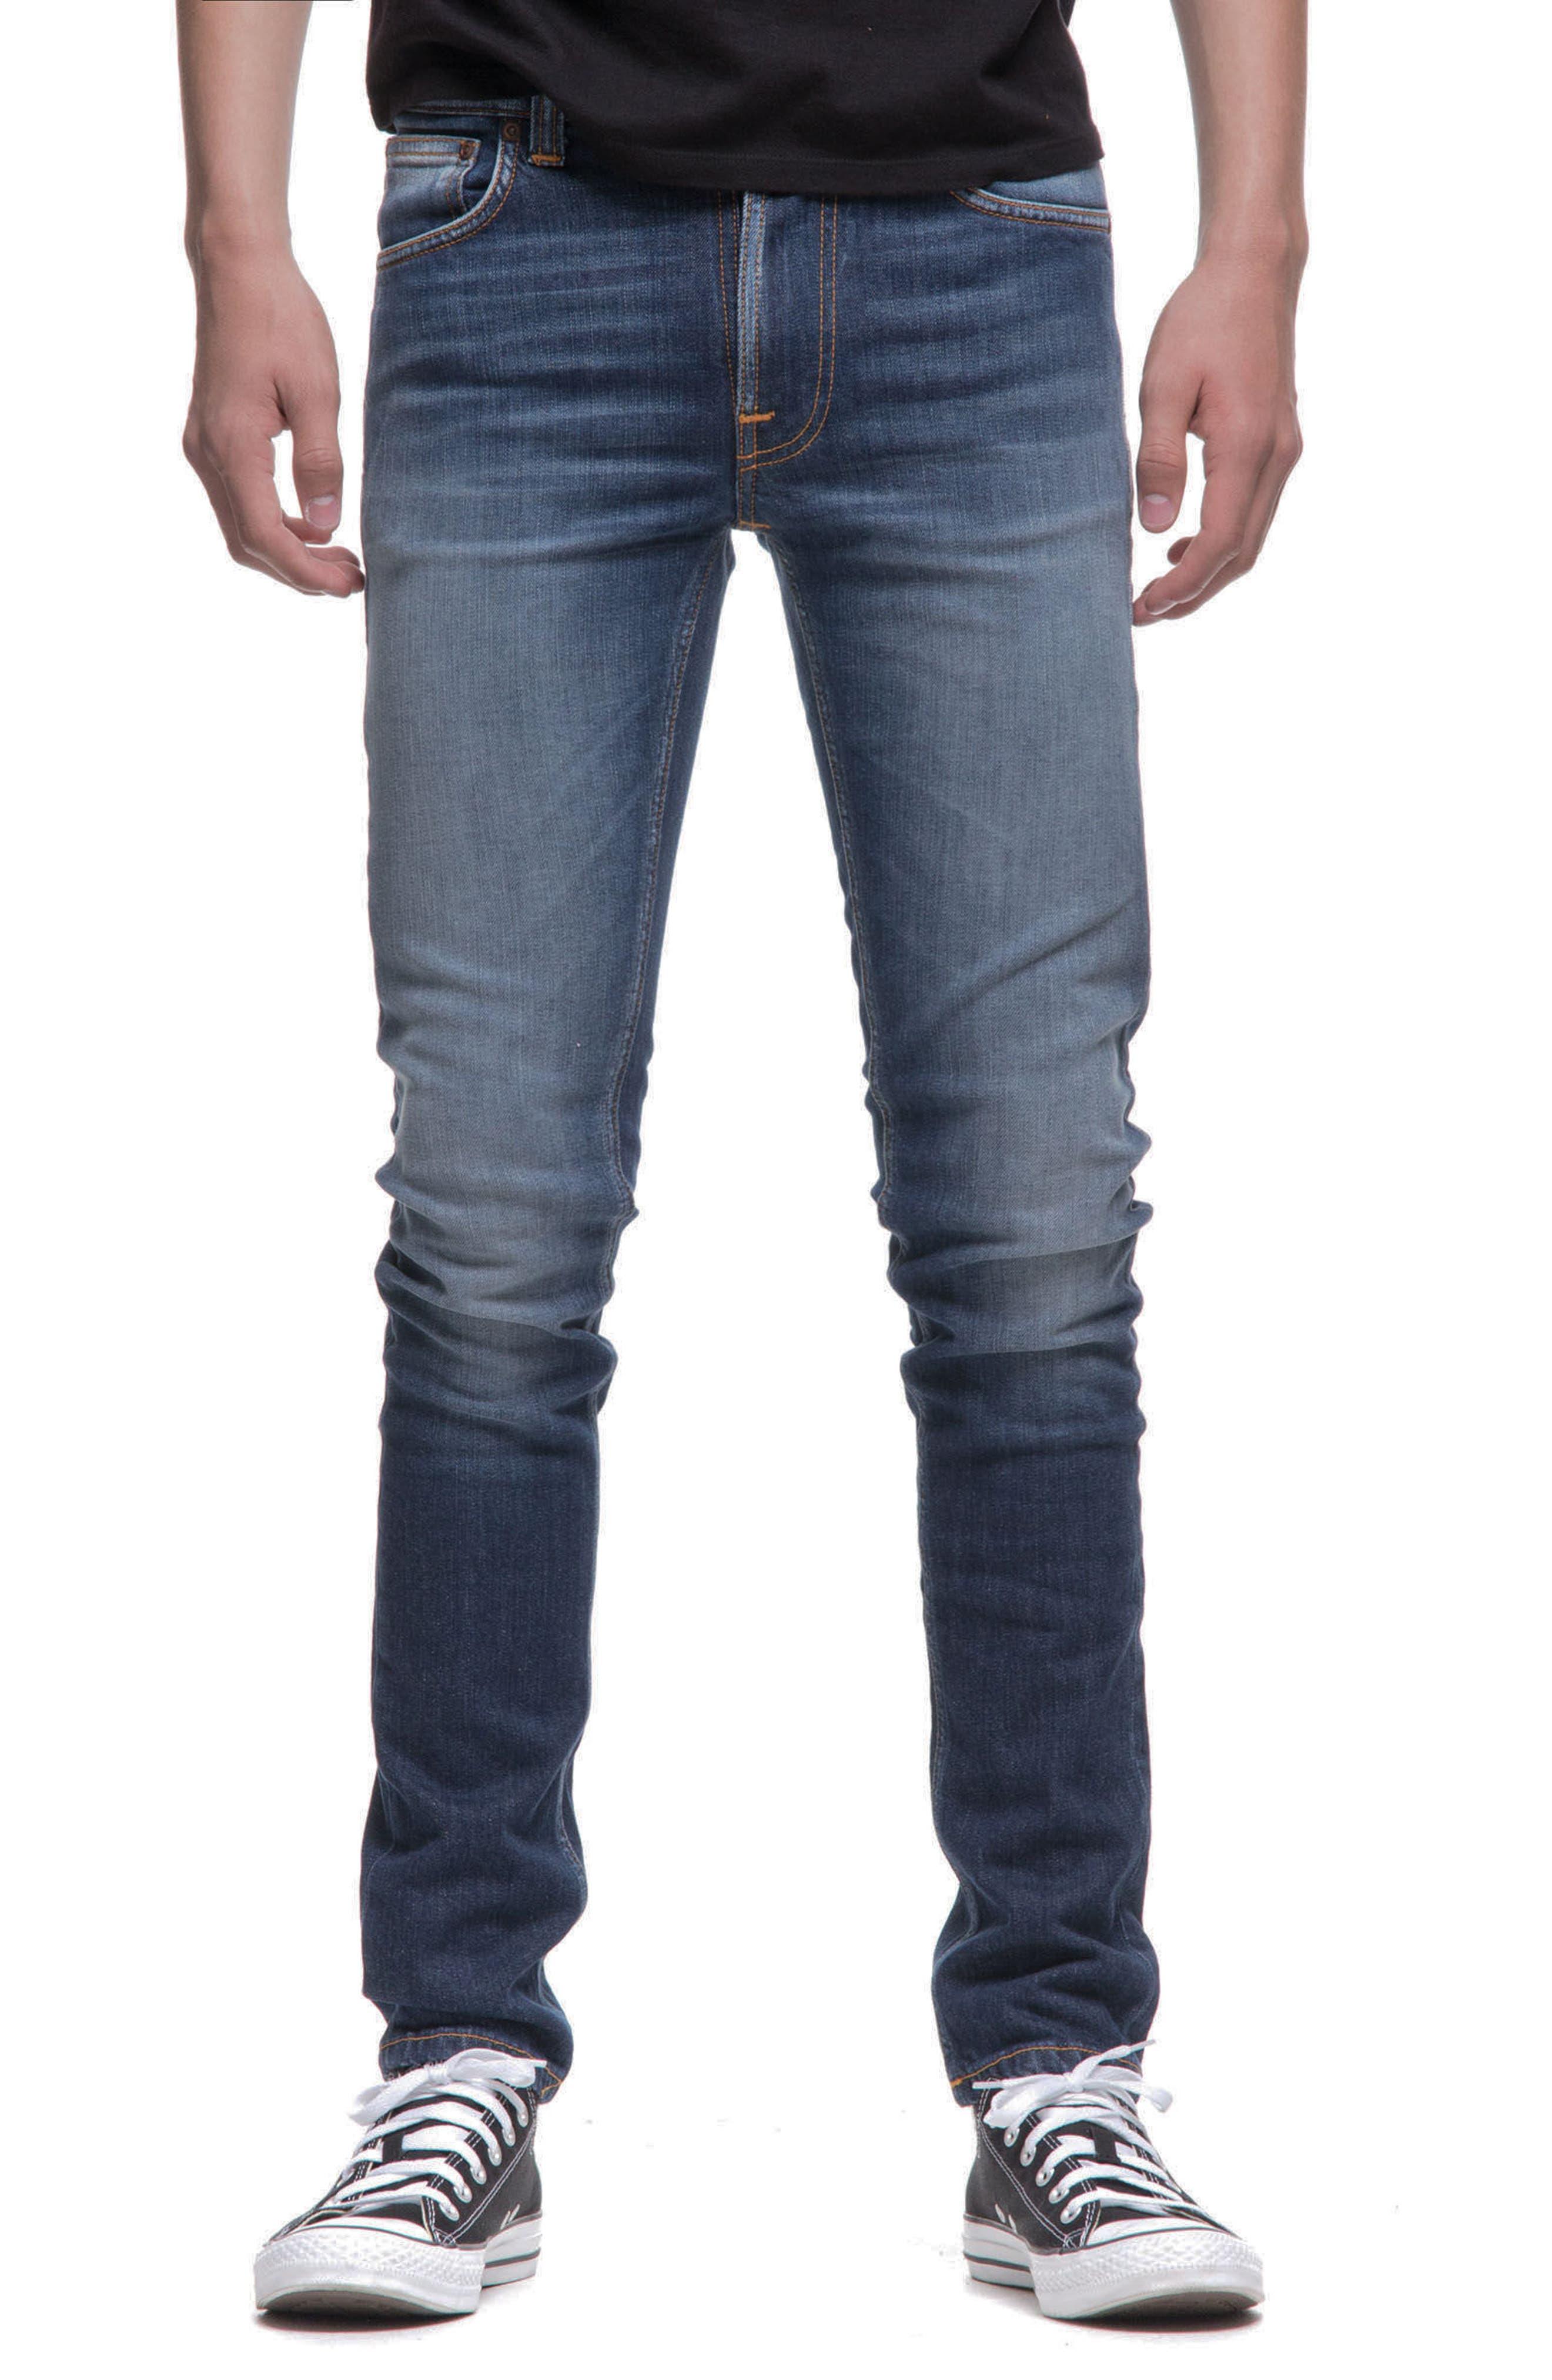 Lean Dean Slouchy Slim Fit Jeans,                         Main,                         color,